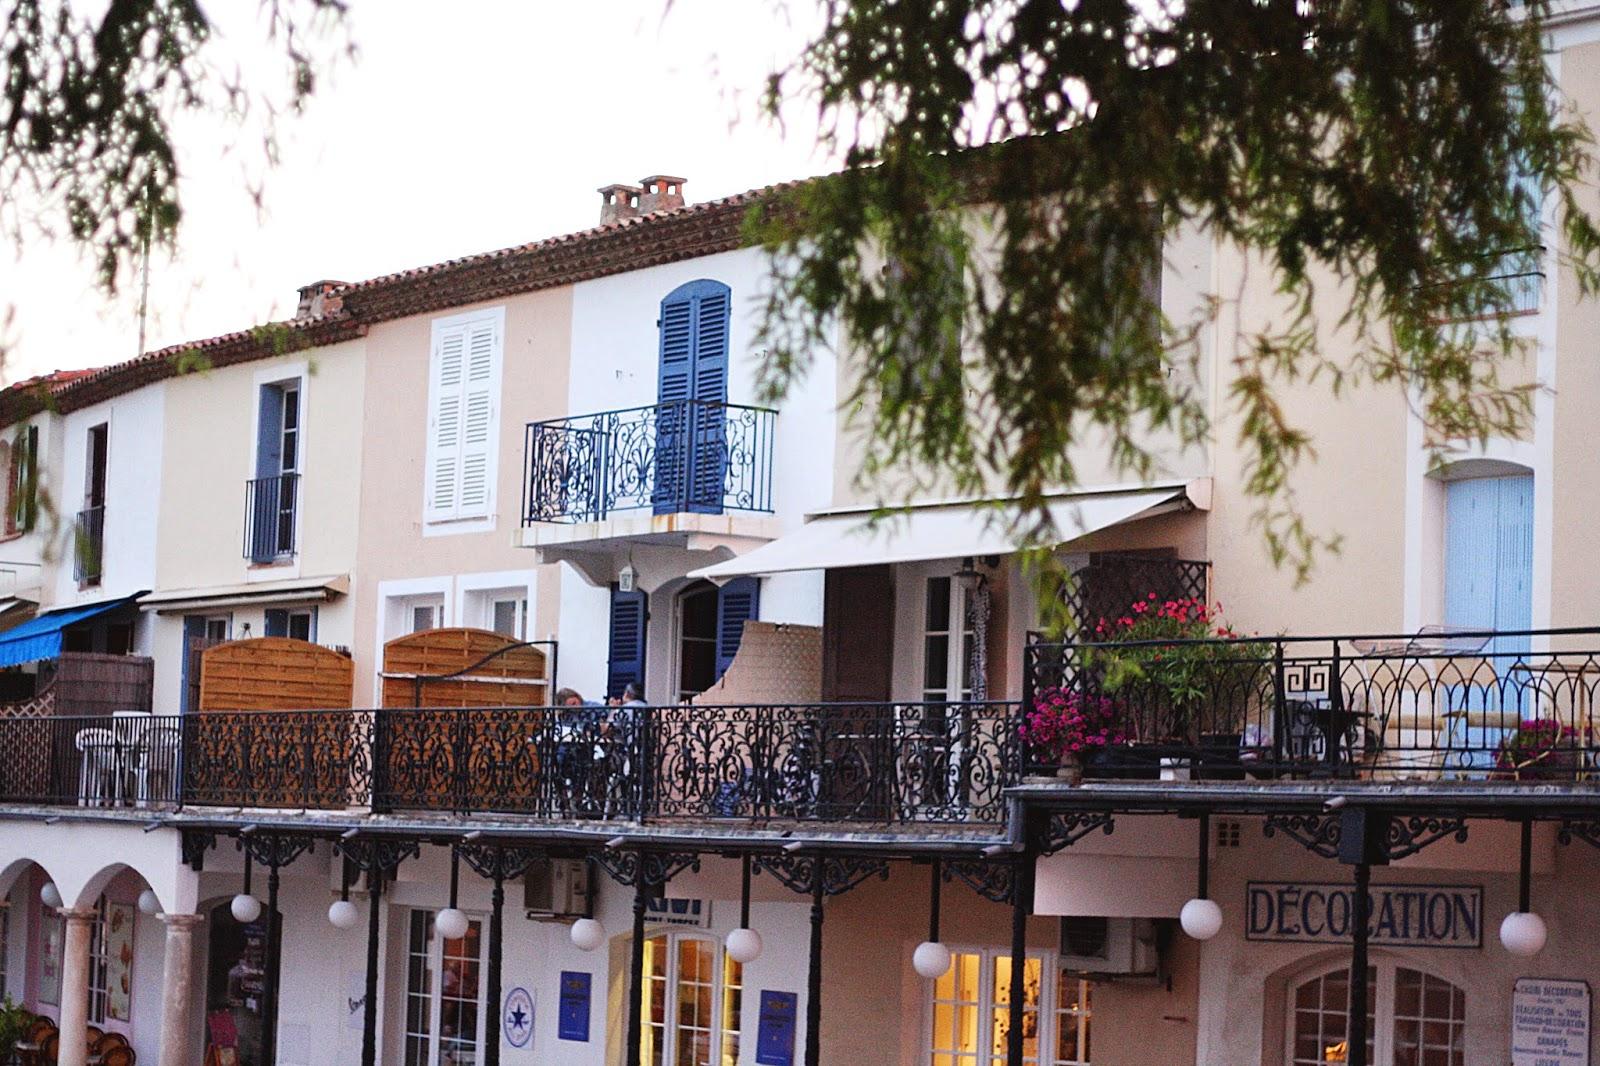 maisons colorées jointive sud